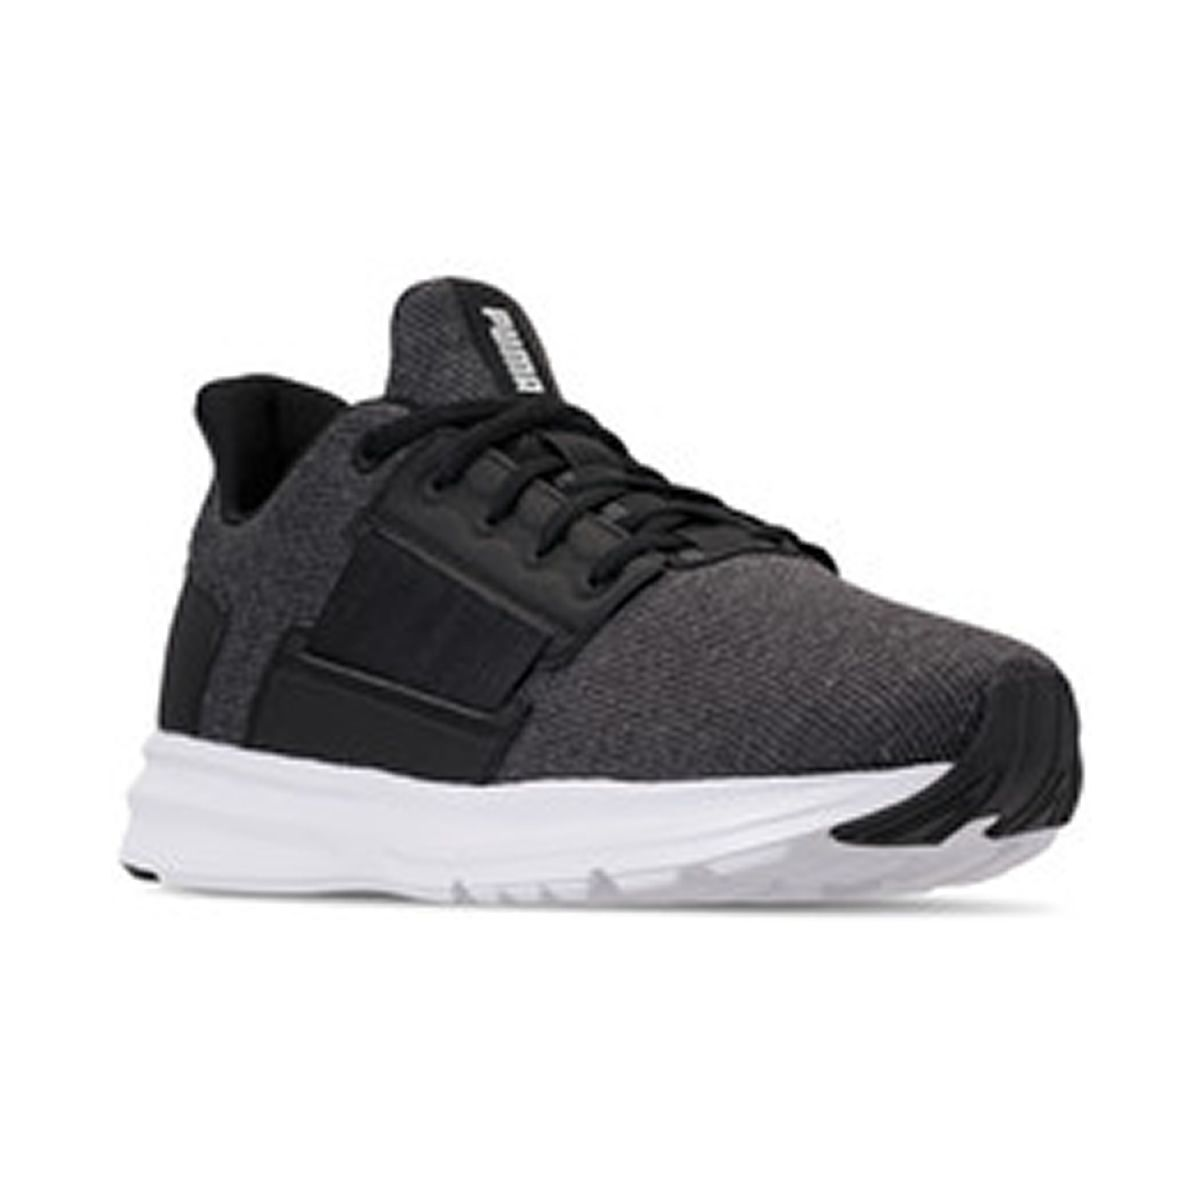 best service cb0c0 068f0 Finish Line Shoes for Men - Macys